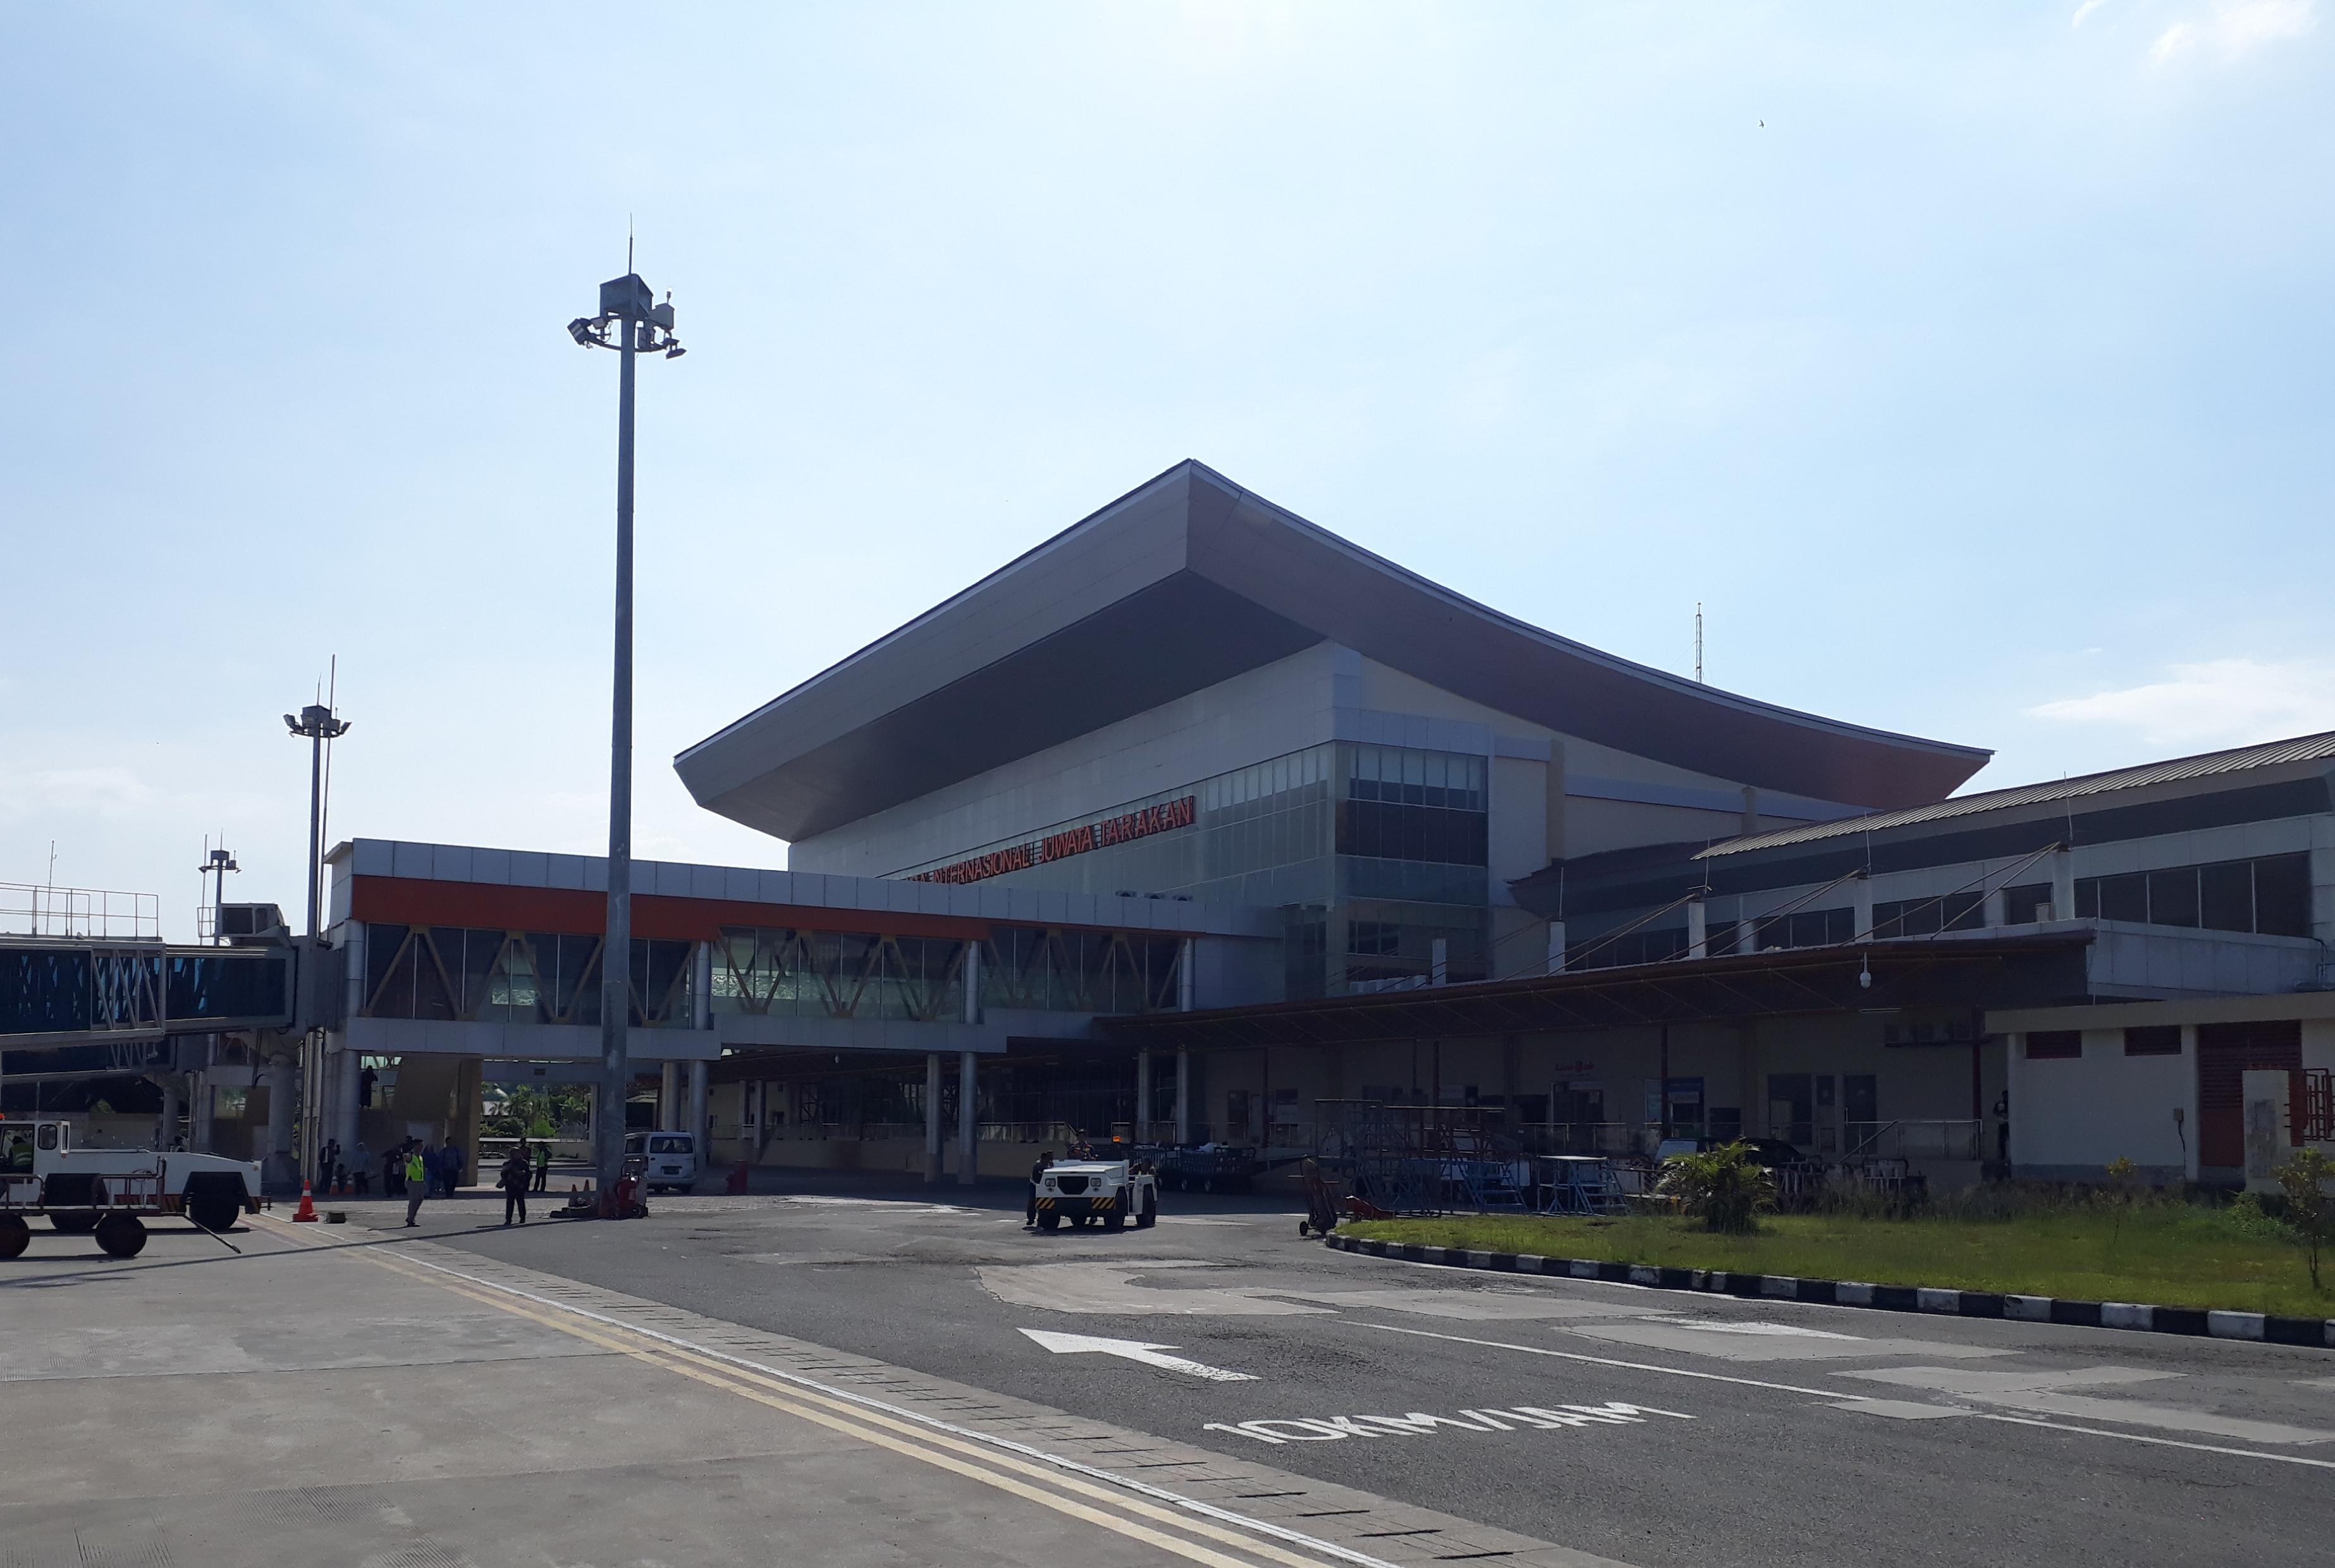 Juwata International Airport - Wikipedia